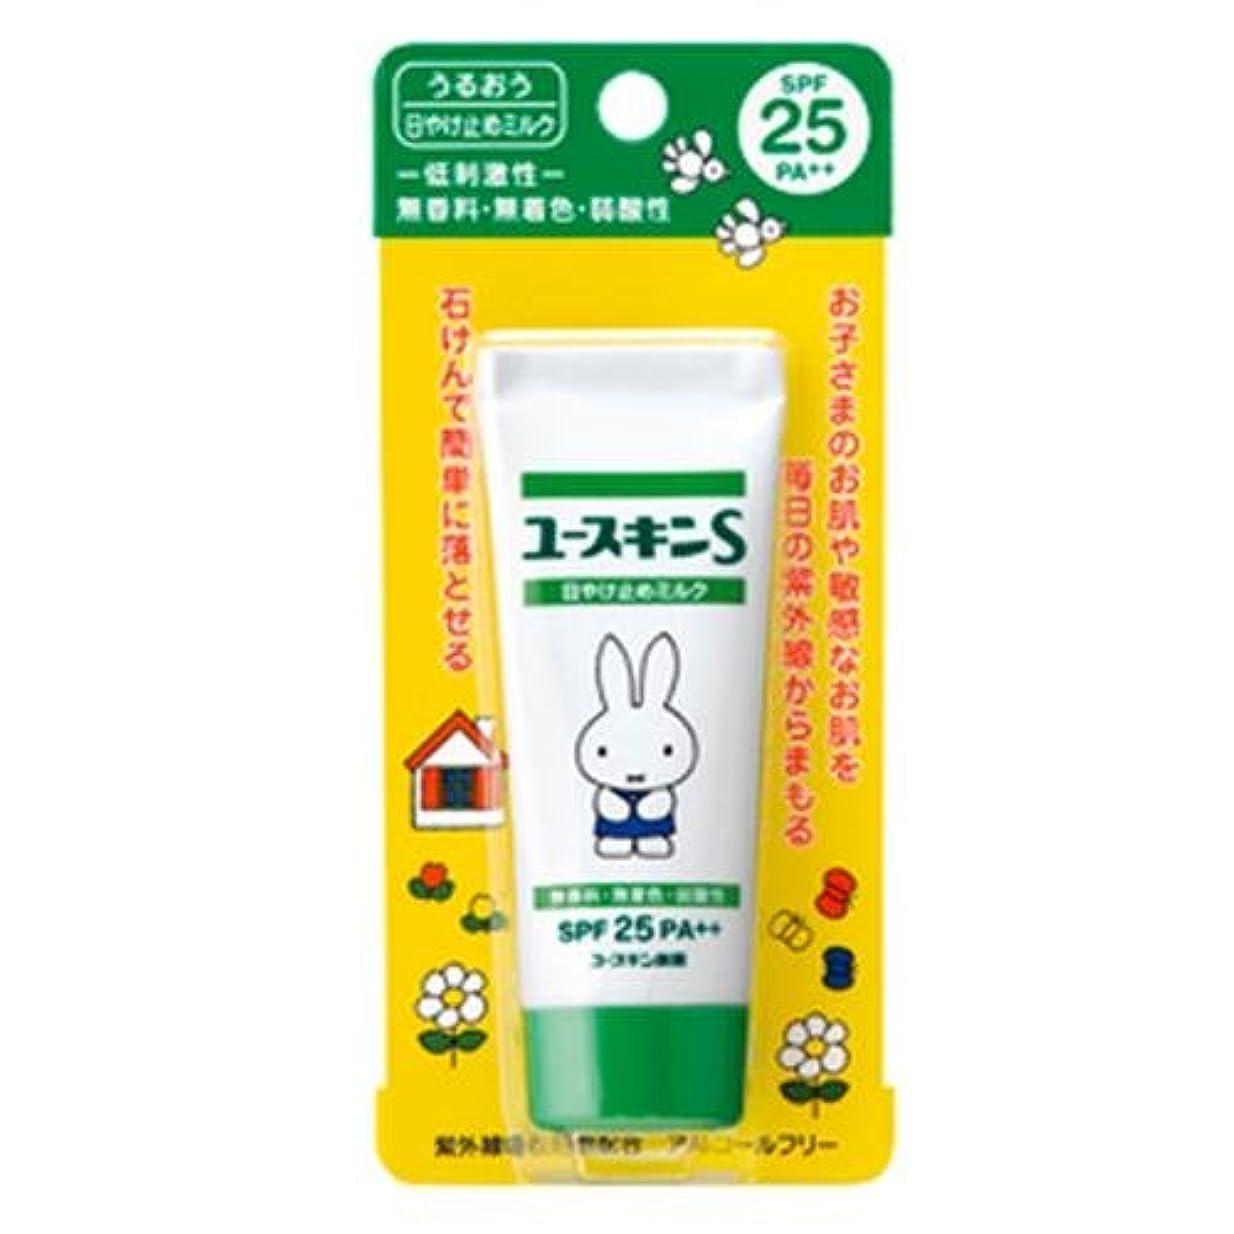 傷つきやすいハンカチ小包ユースキンS UVミルク SPF25 PA++ 40g (敏感肌用 日焼け止め)